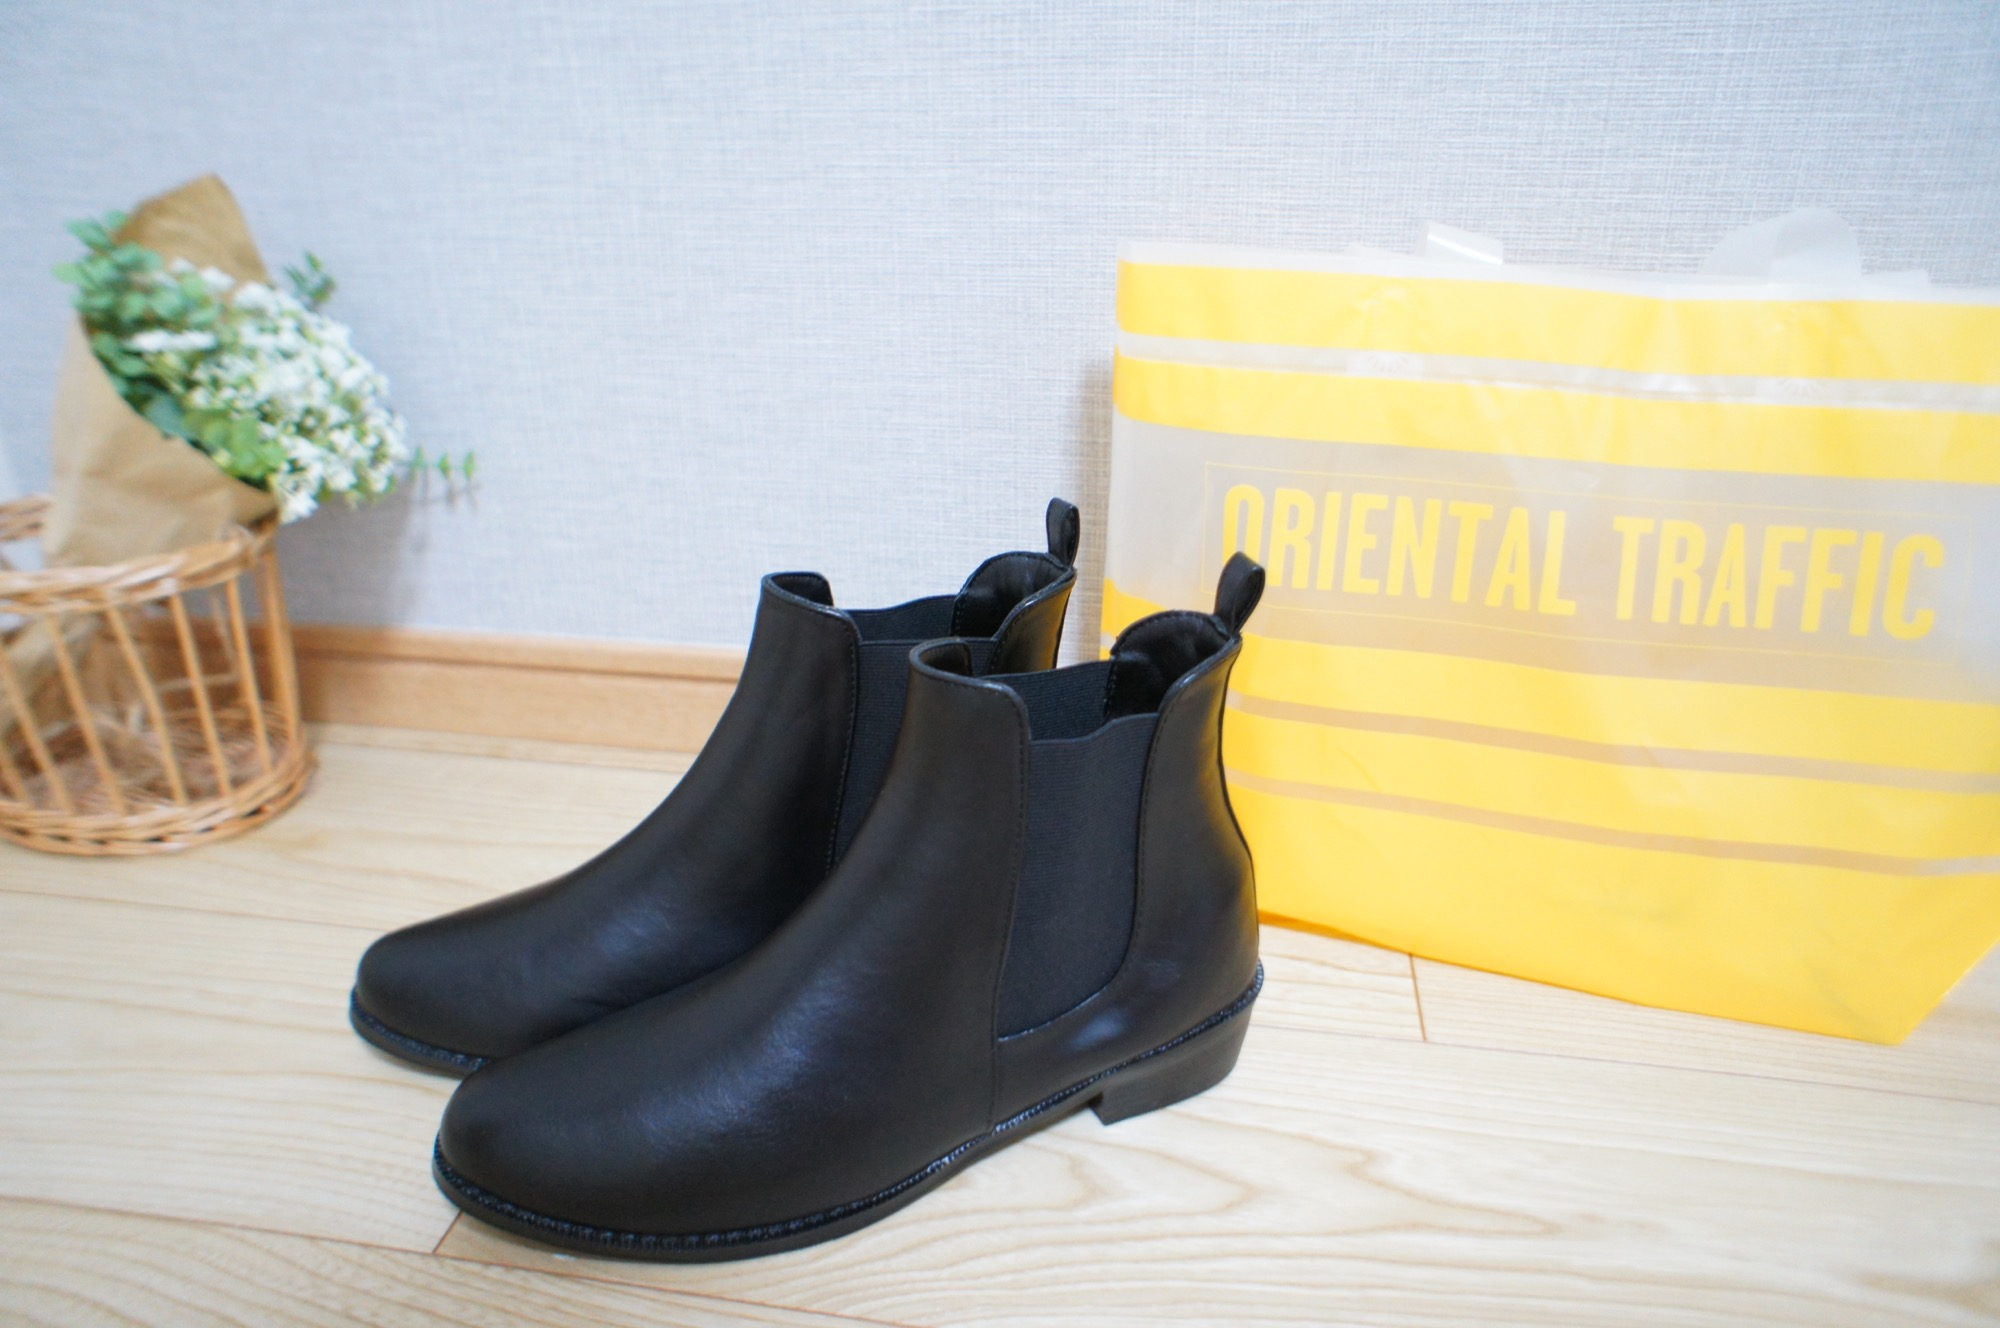 《梅雨もハッピーに❤️》3千円台で買える【Oriental Traffic】レインブーツ☻_1